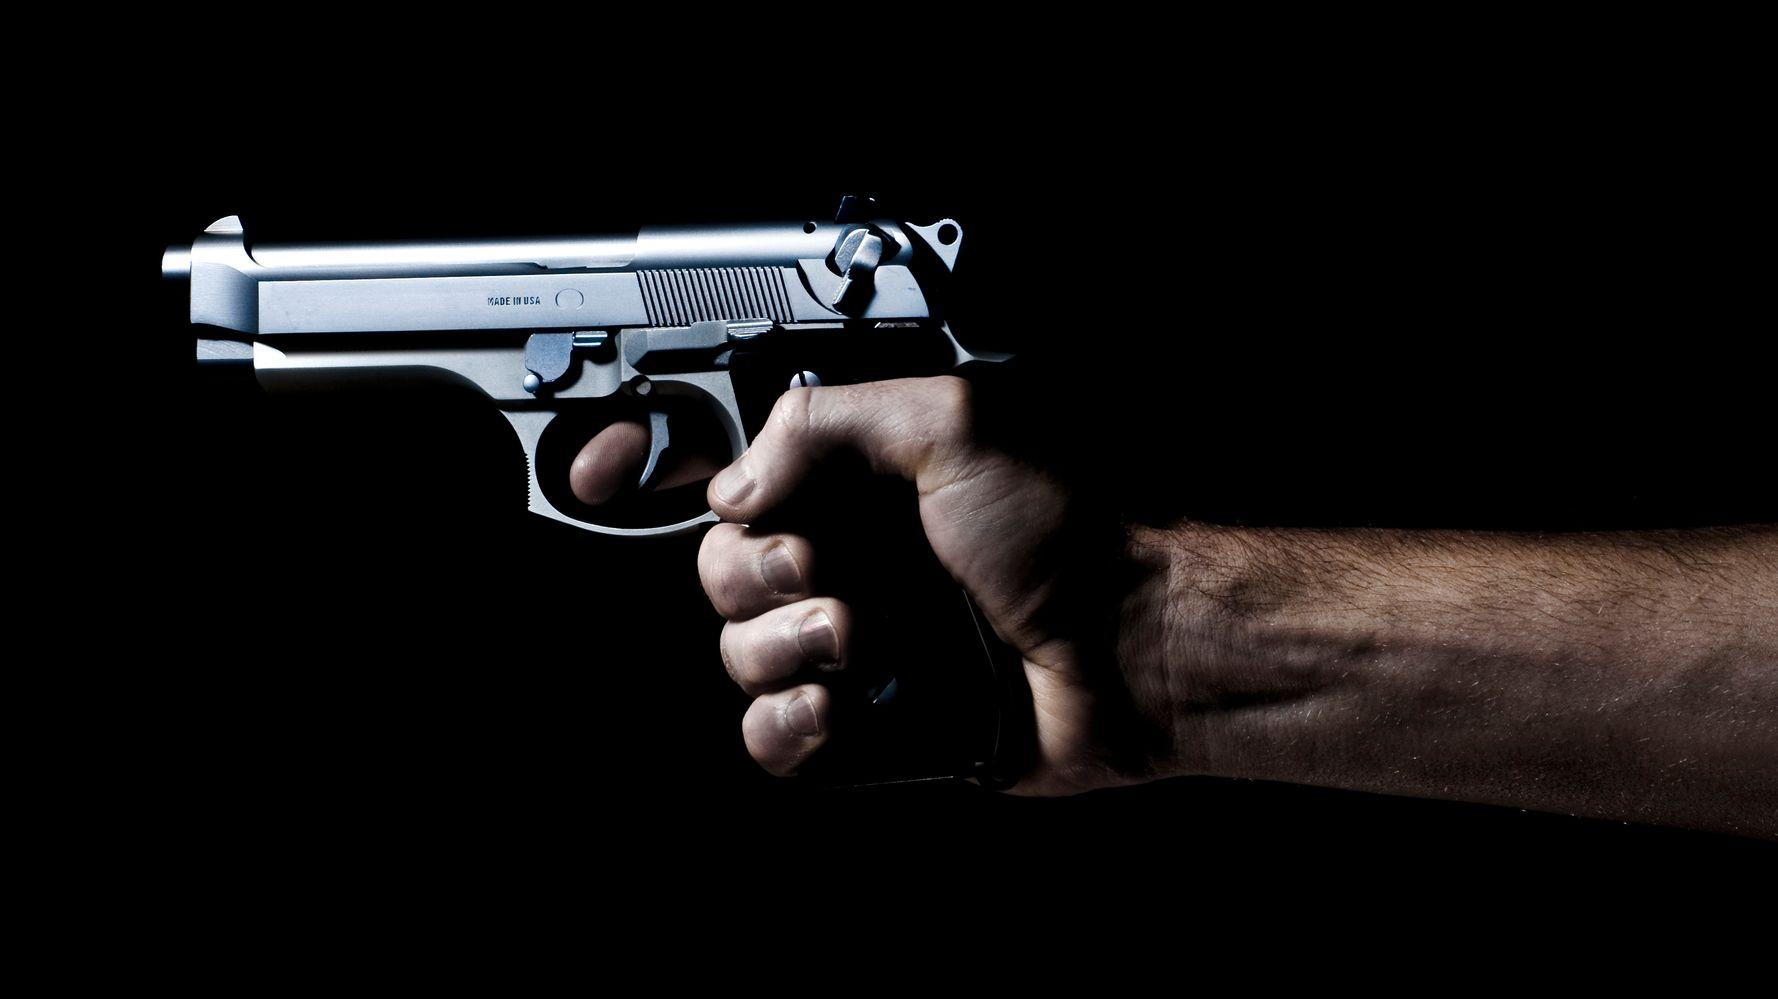 этом картинки револьвер в руках единственный всех